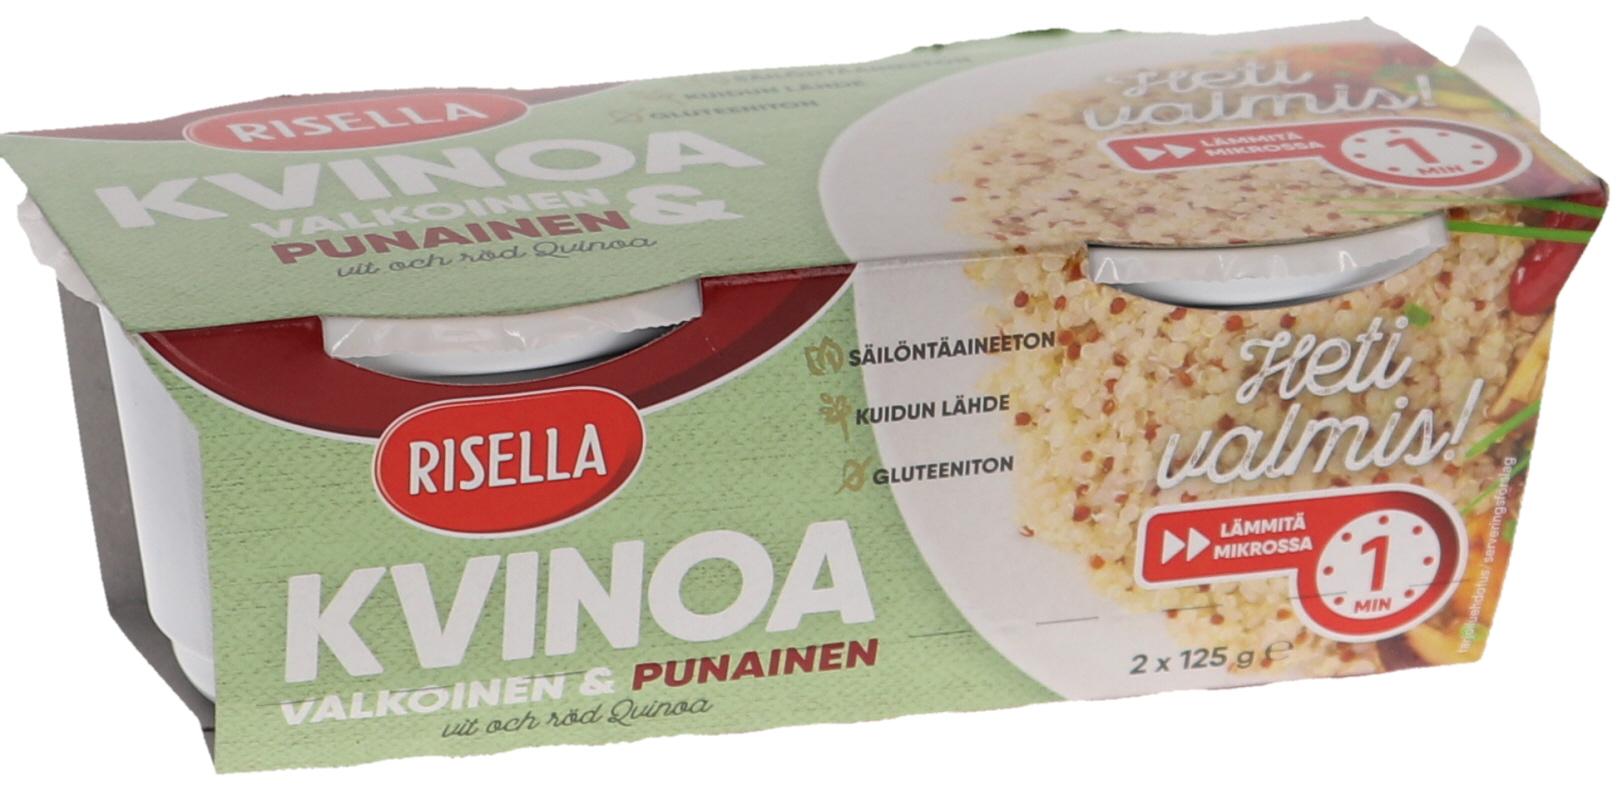 Heti Valmis Valkoinen & Punainen Kvinoa - 18% alennus